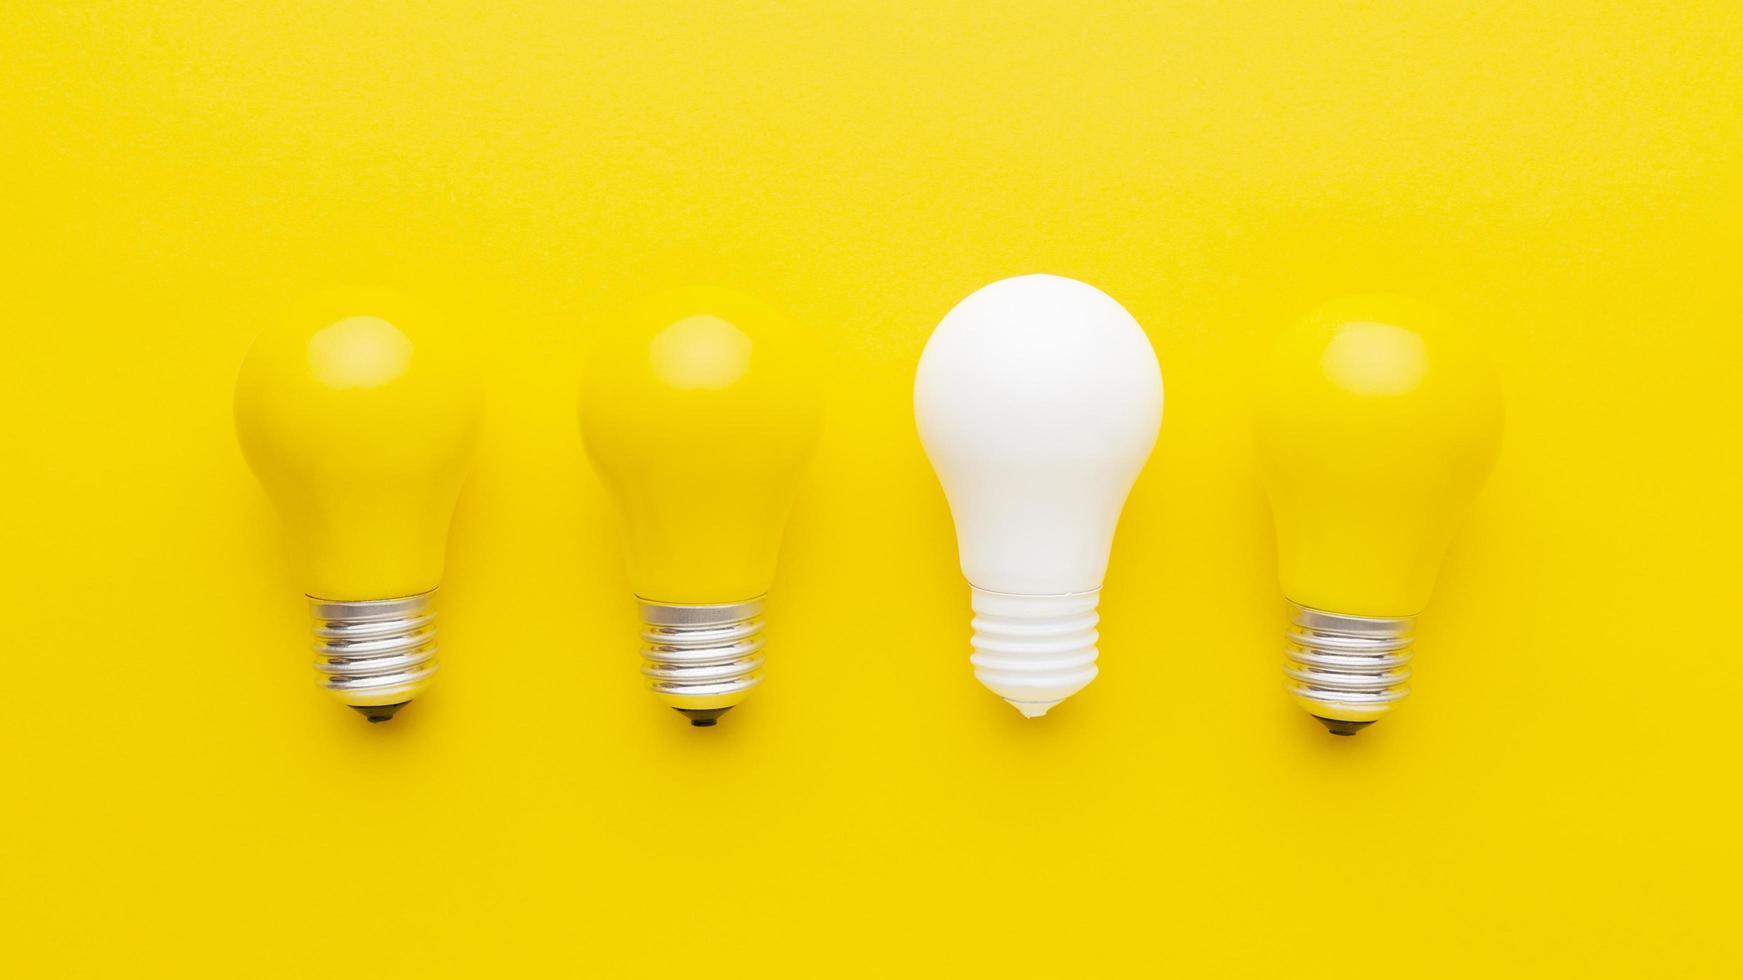 mise à plat des ampoules jaunes photo